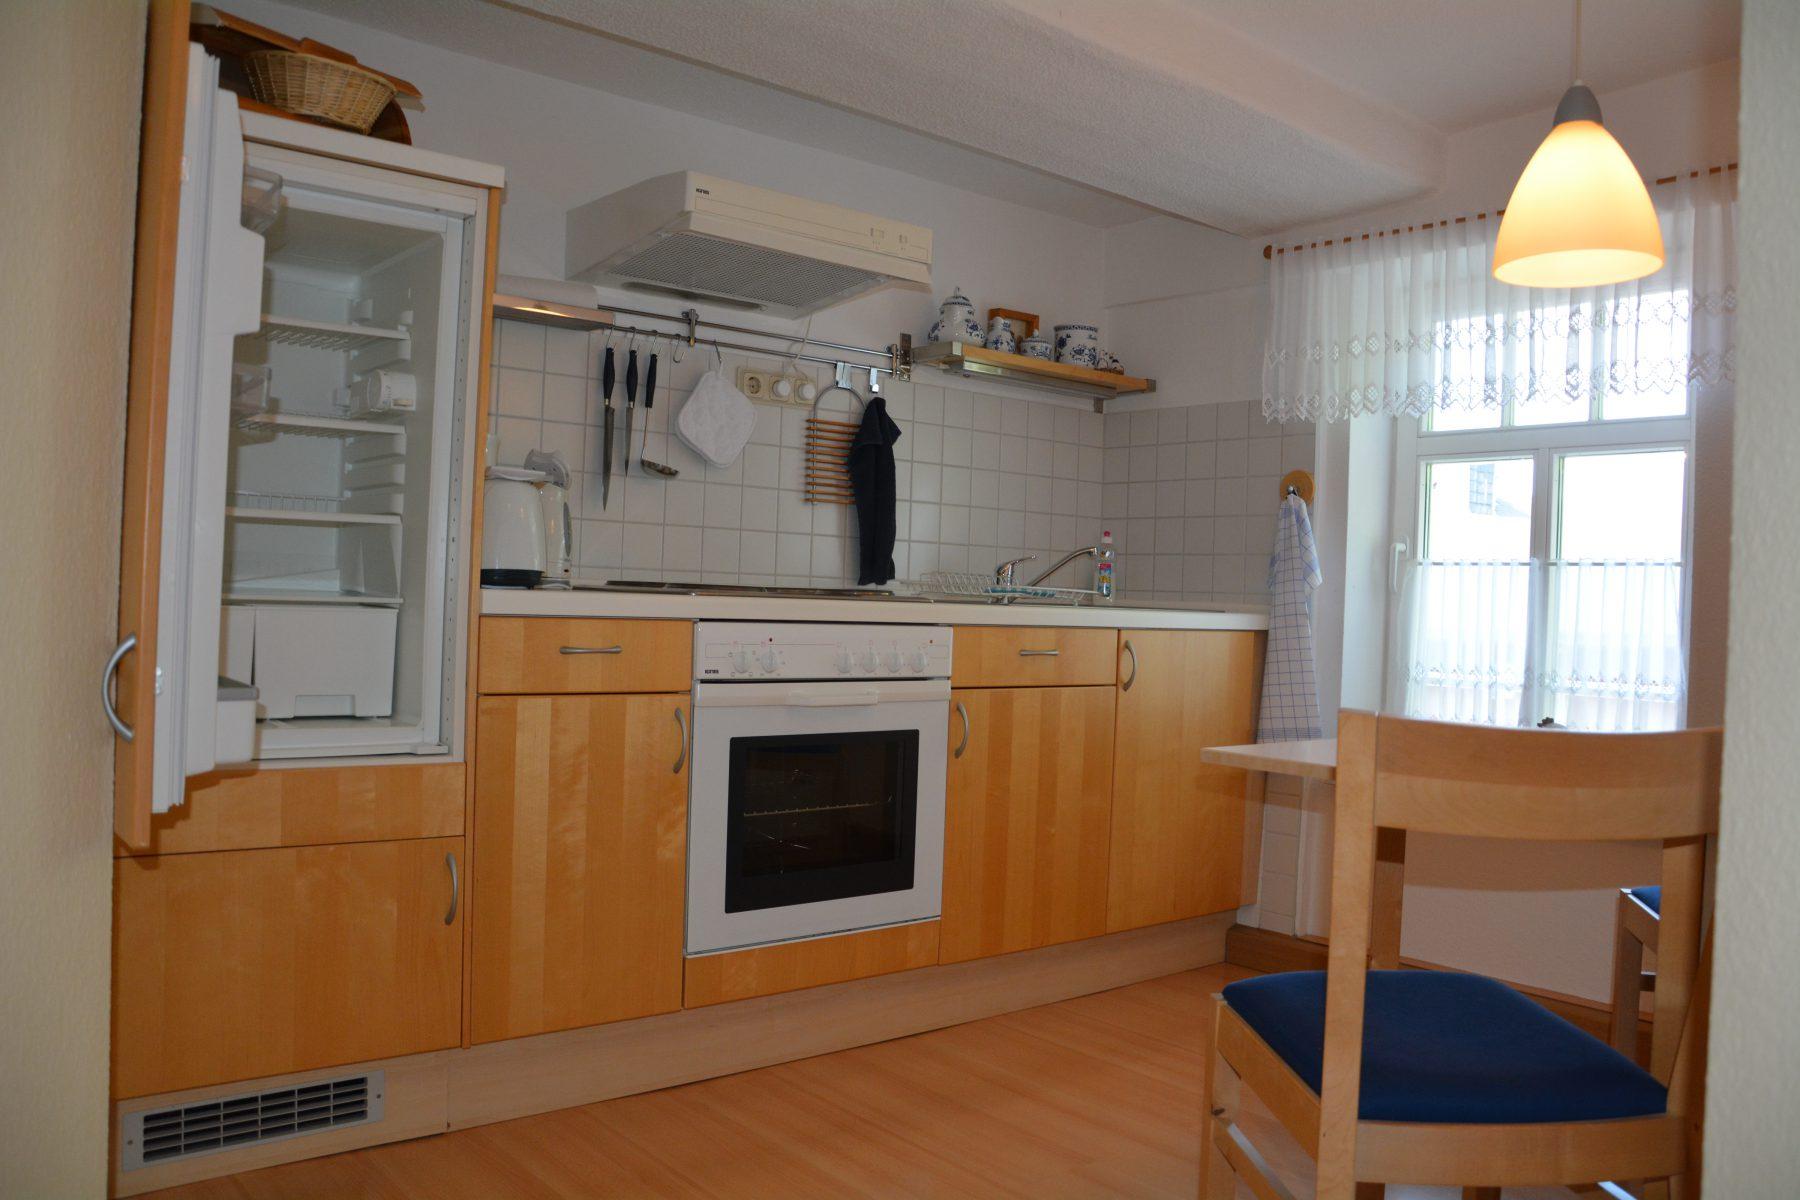 Ferienwohnung im Verlegerhaus Seiffen Kategorie N3a Detail Küche